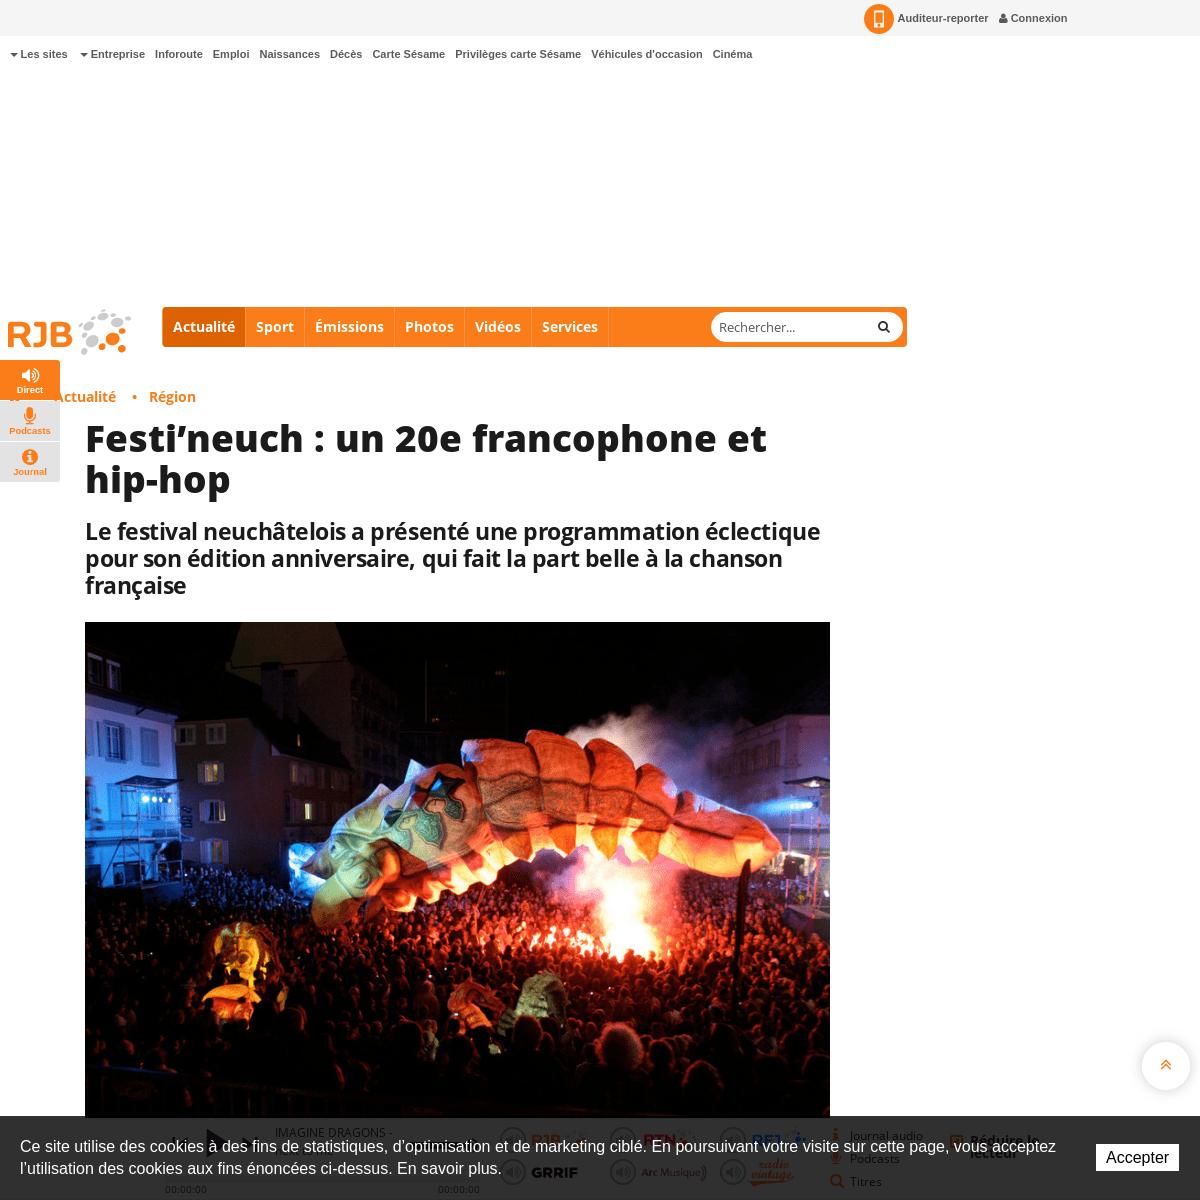 Festi'neuch - un 20e francophone et hip-hop - RJB votre radio régionale